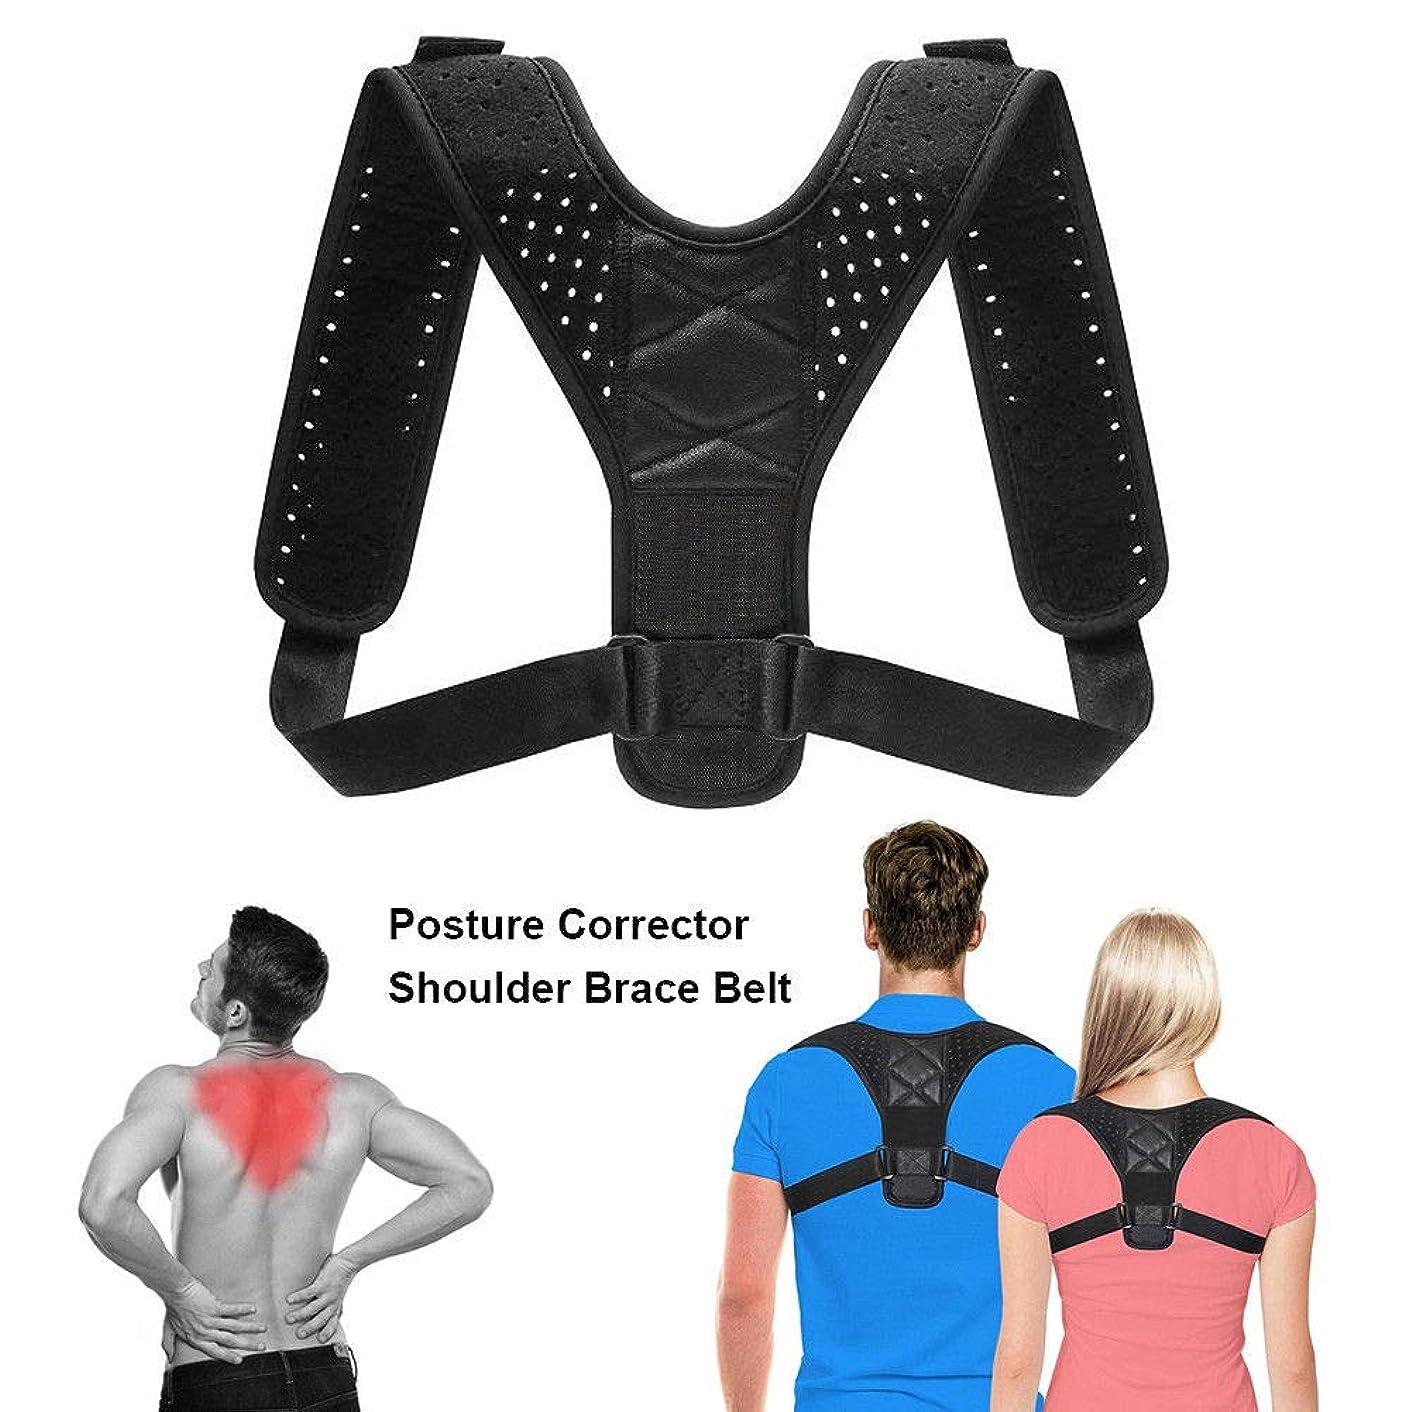 マインドフル寄託投獄ボディウェルネス姿勢矯正器バックストレート肩ブレースストラップ正しい男性女性腰椎調節可能サポートベルトコルセットハングバック矯正